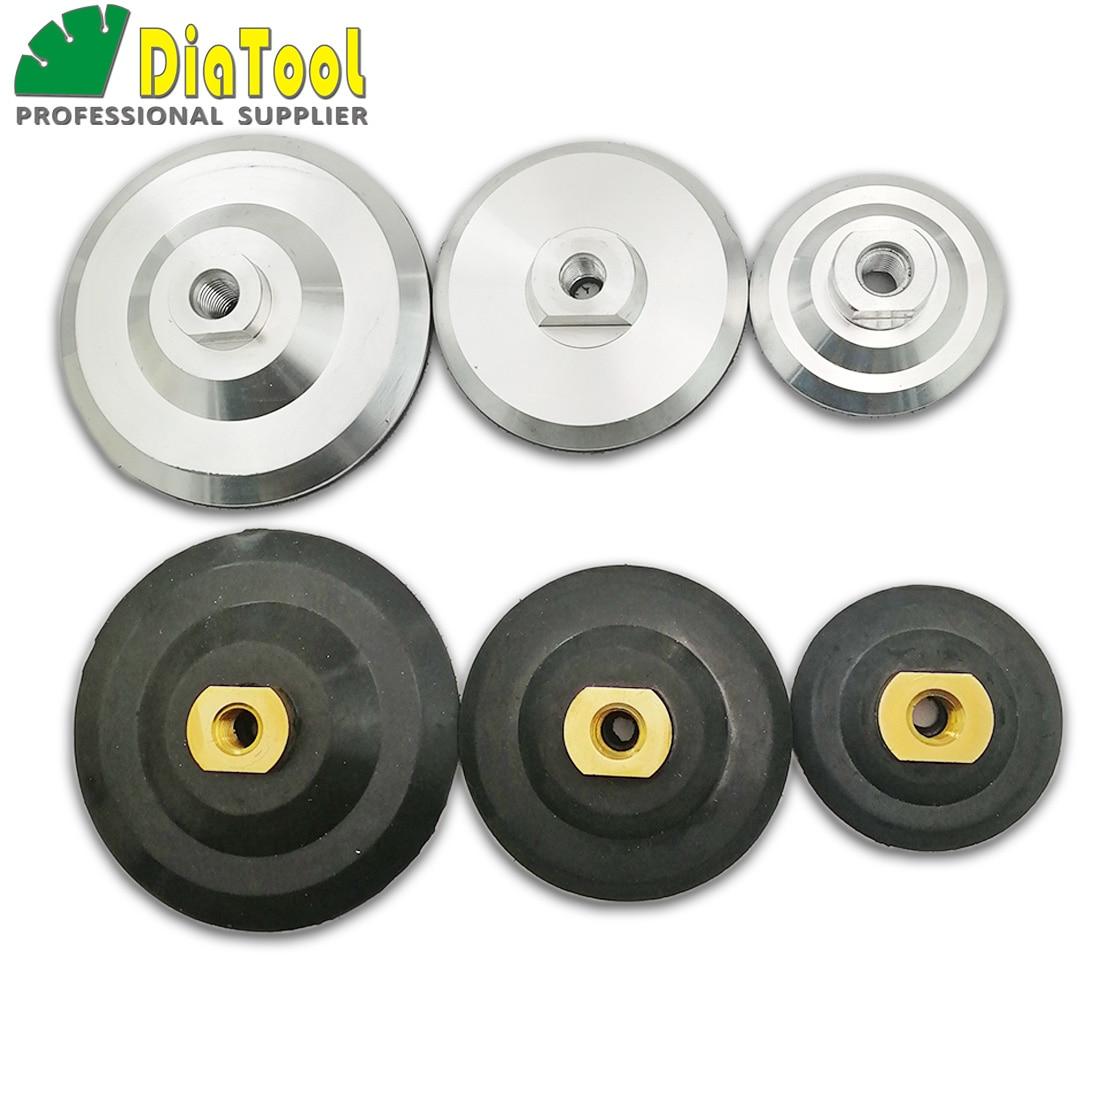 DIATOOL Zurück pad für diamant polieren pads M14 Gewinde Durchmesser 3